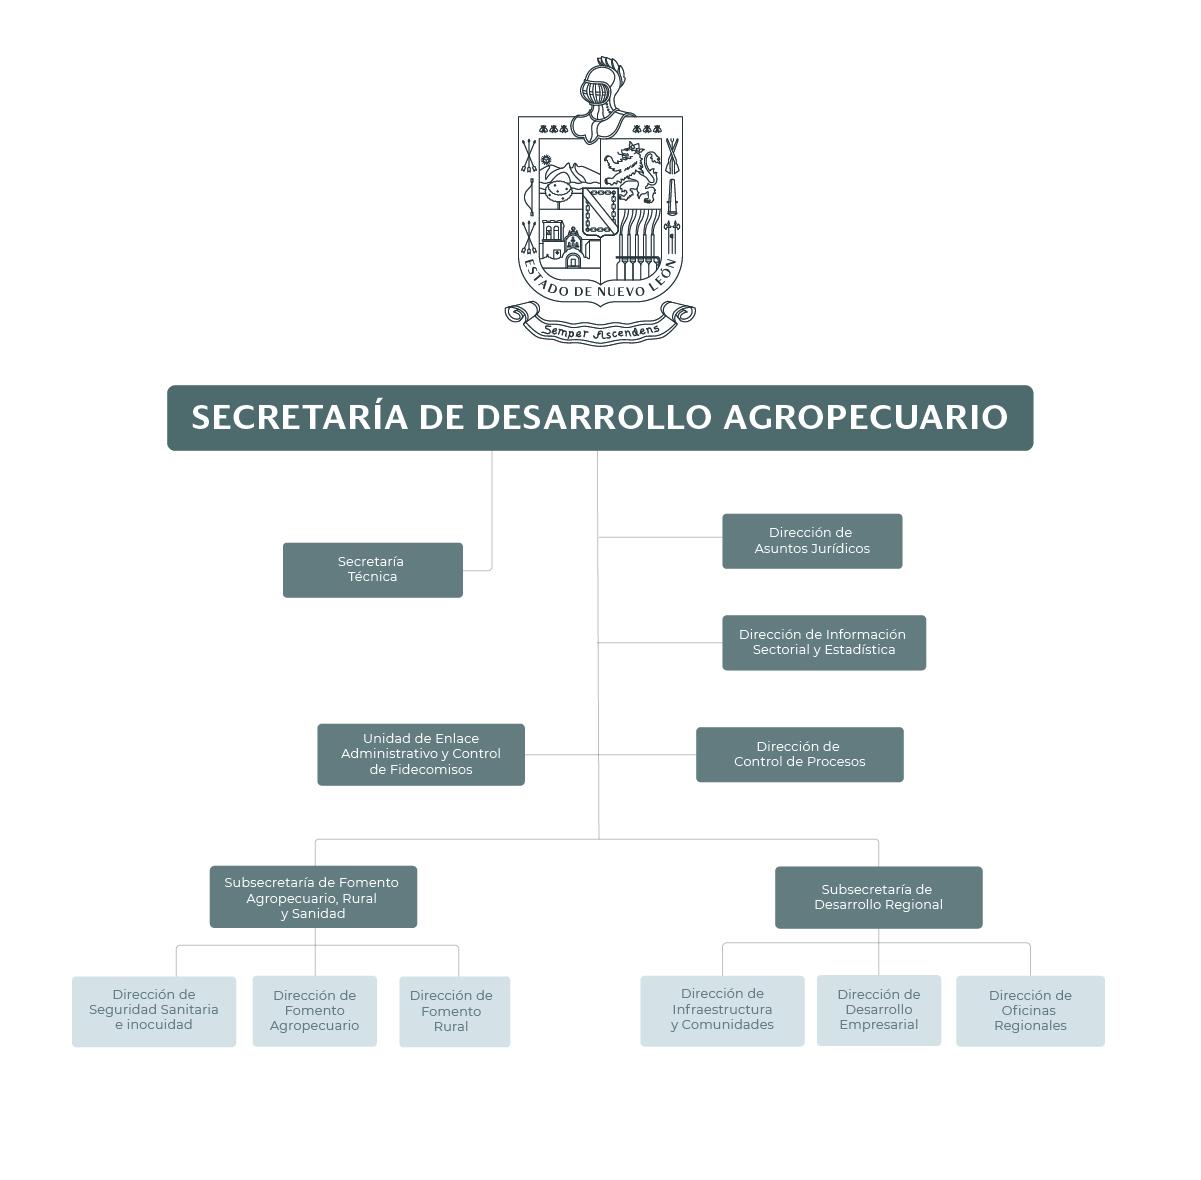 Organigrama de la Secretaría de Desarrollo Agropecuario